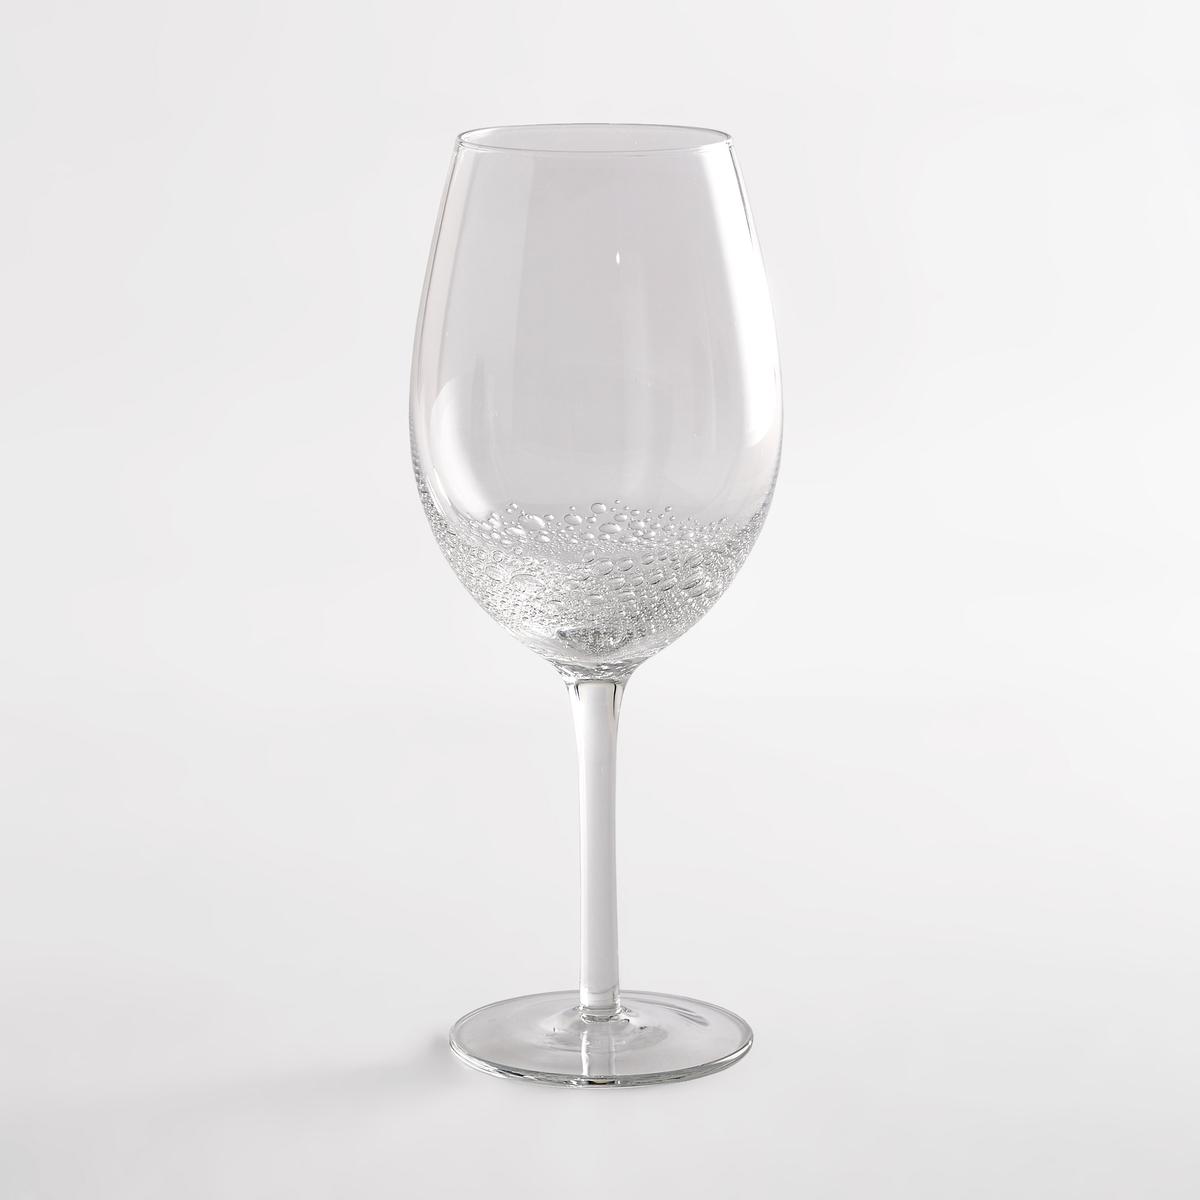 4 стакана для воды GALIOОписание:4 стакана для воды с оригинальной иллюзорной инкрустацией стеклянных шариков в дно  .Описание стаканов GALIO :Комплект из 4 стаканов для воды из инкрустацией шариков Размеры стаканов GALIO :Размеры  6,5 x 8 см Высота 23 смУход :Можно мыть в посудомоечной машинке .<br><br>Цвет: прозрачный